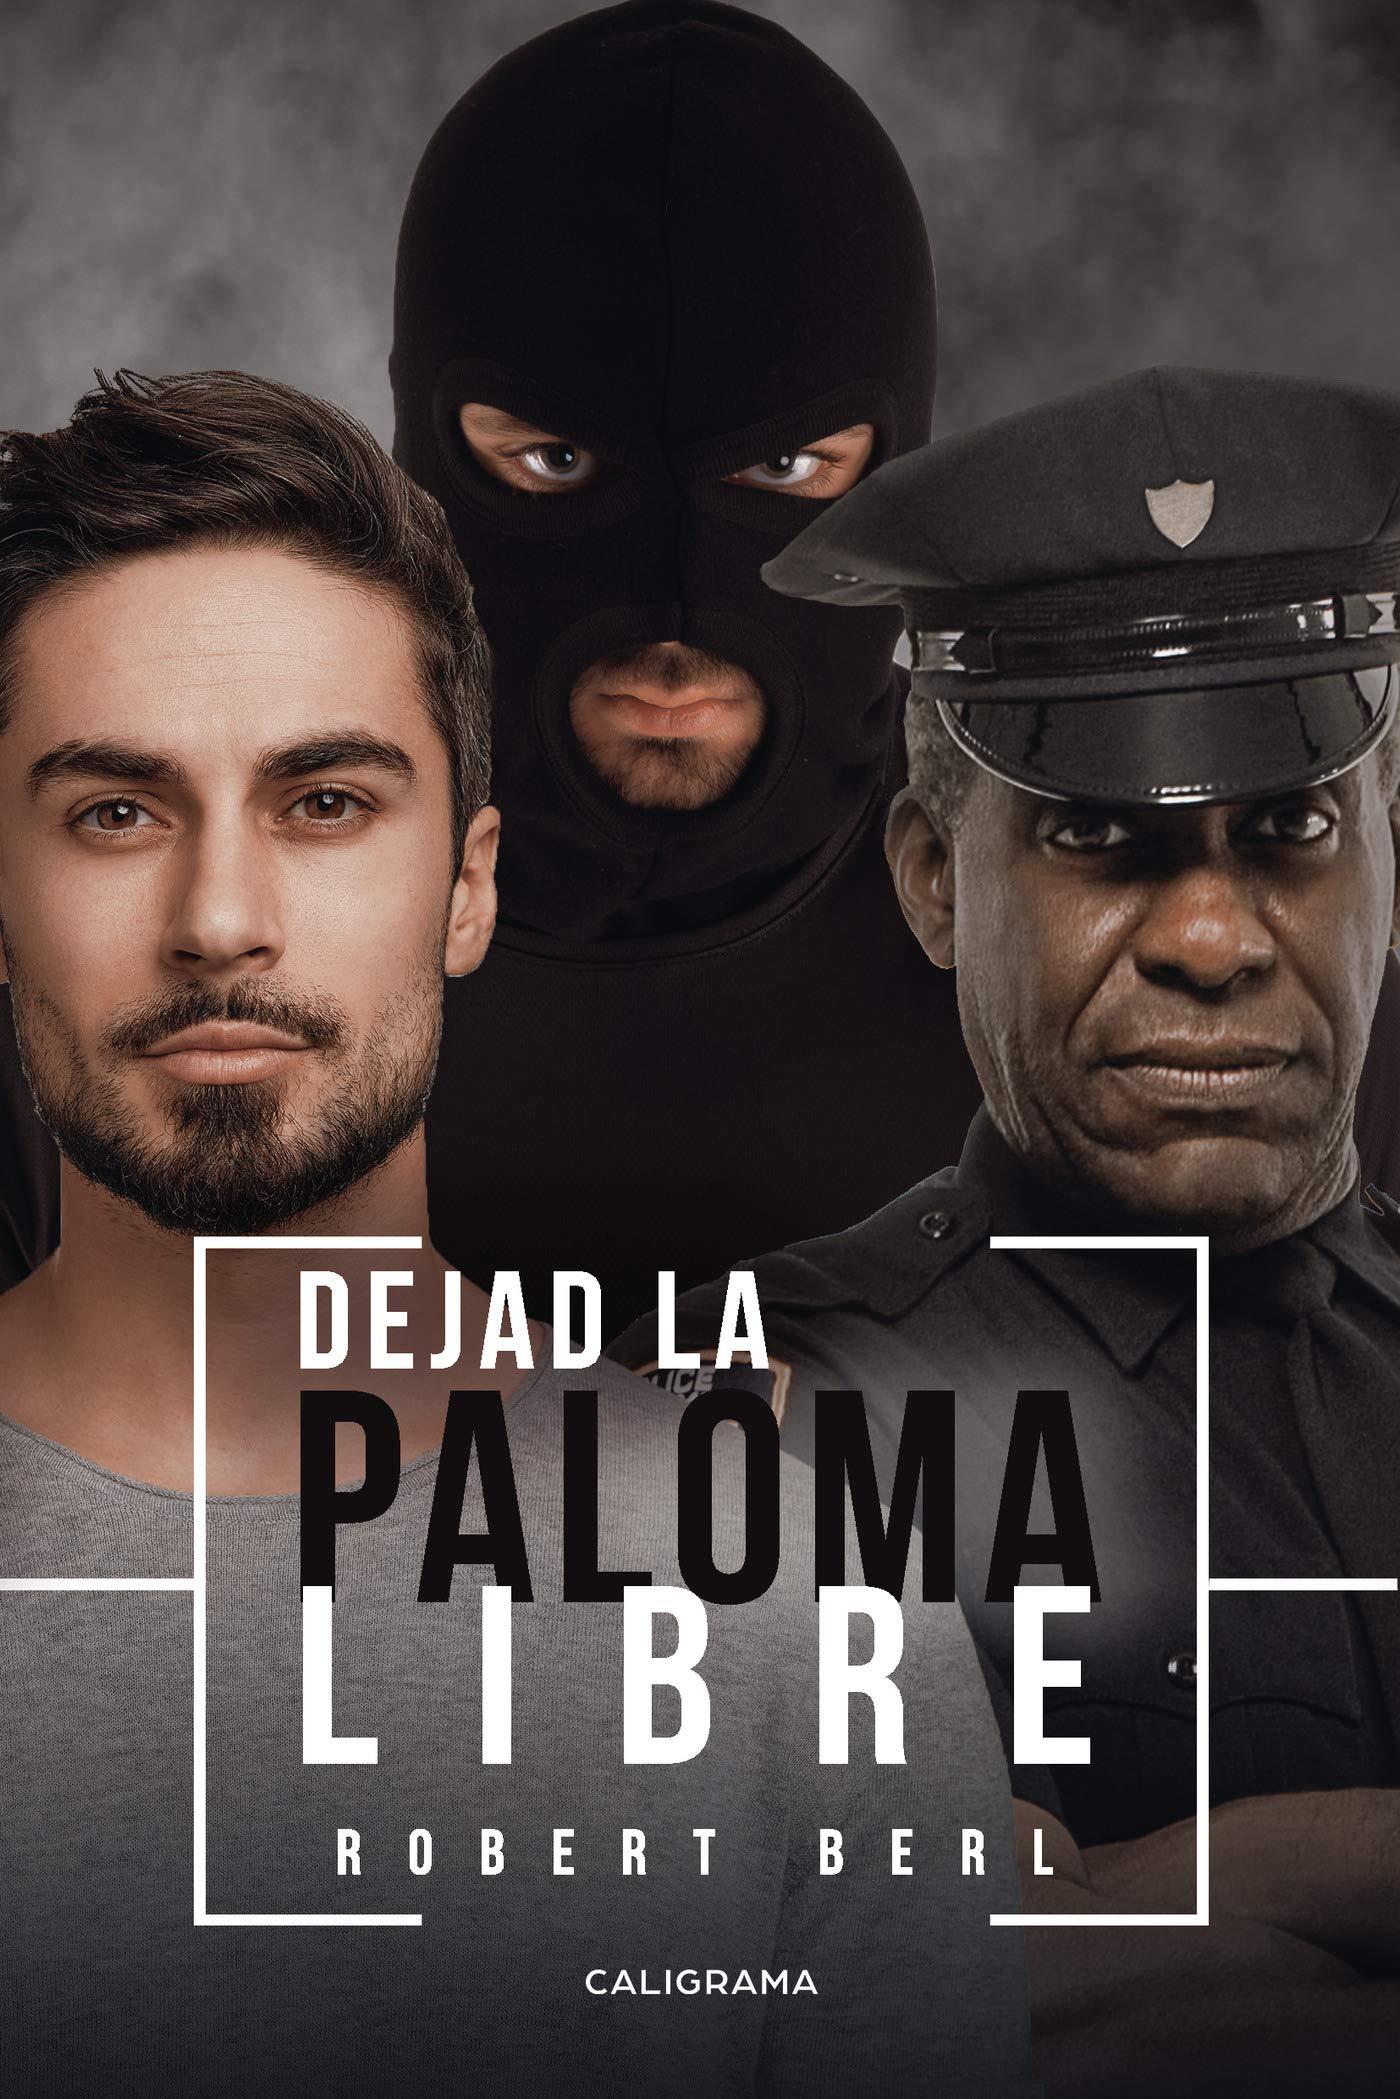 Dejad la paloma libre (Robert Berl, 2019)